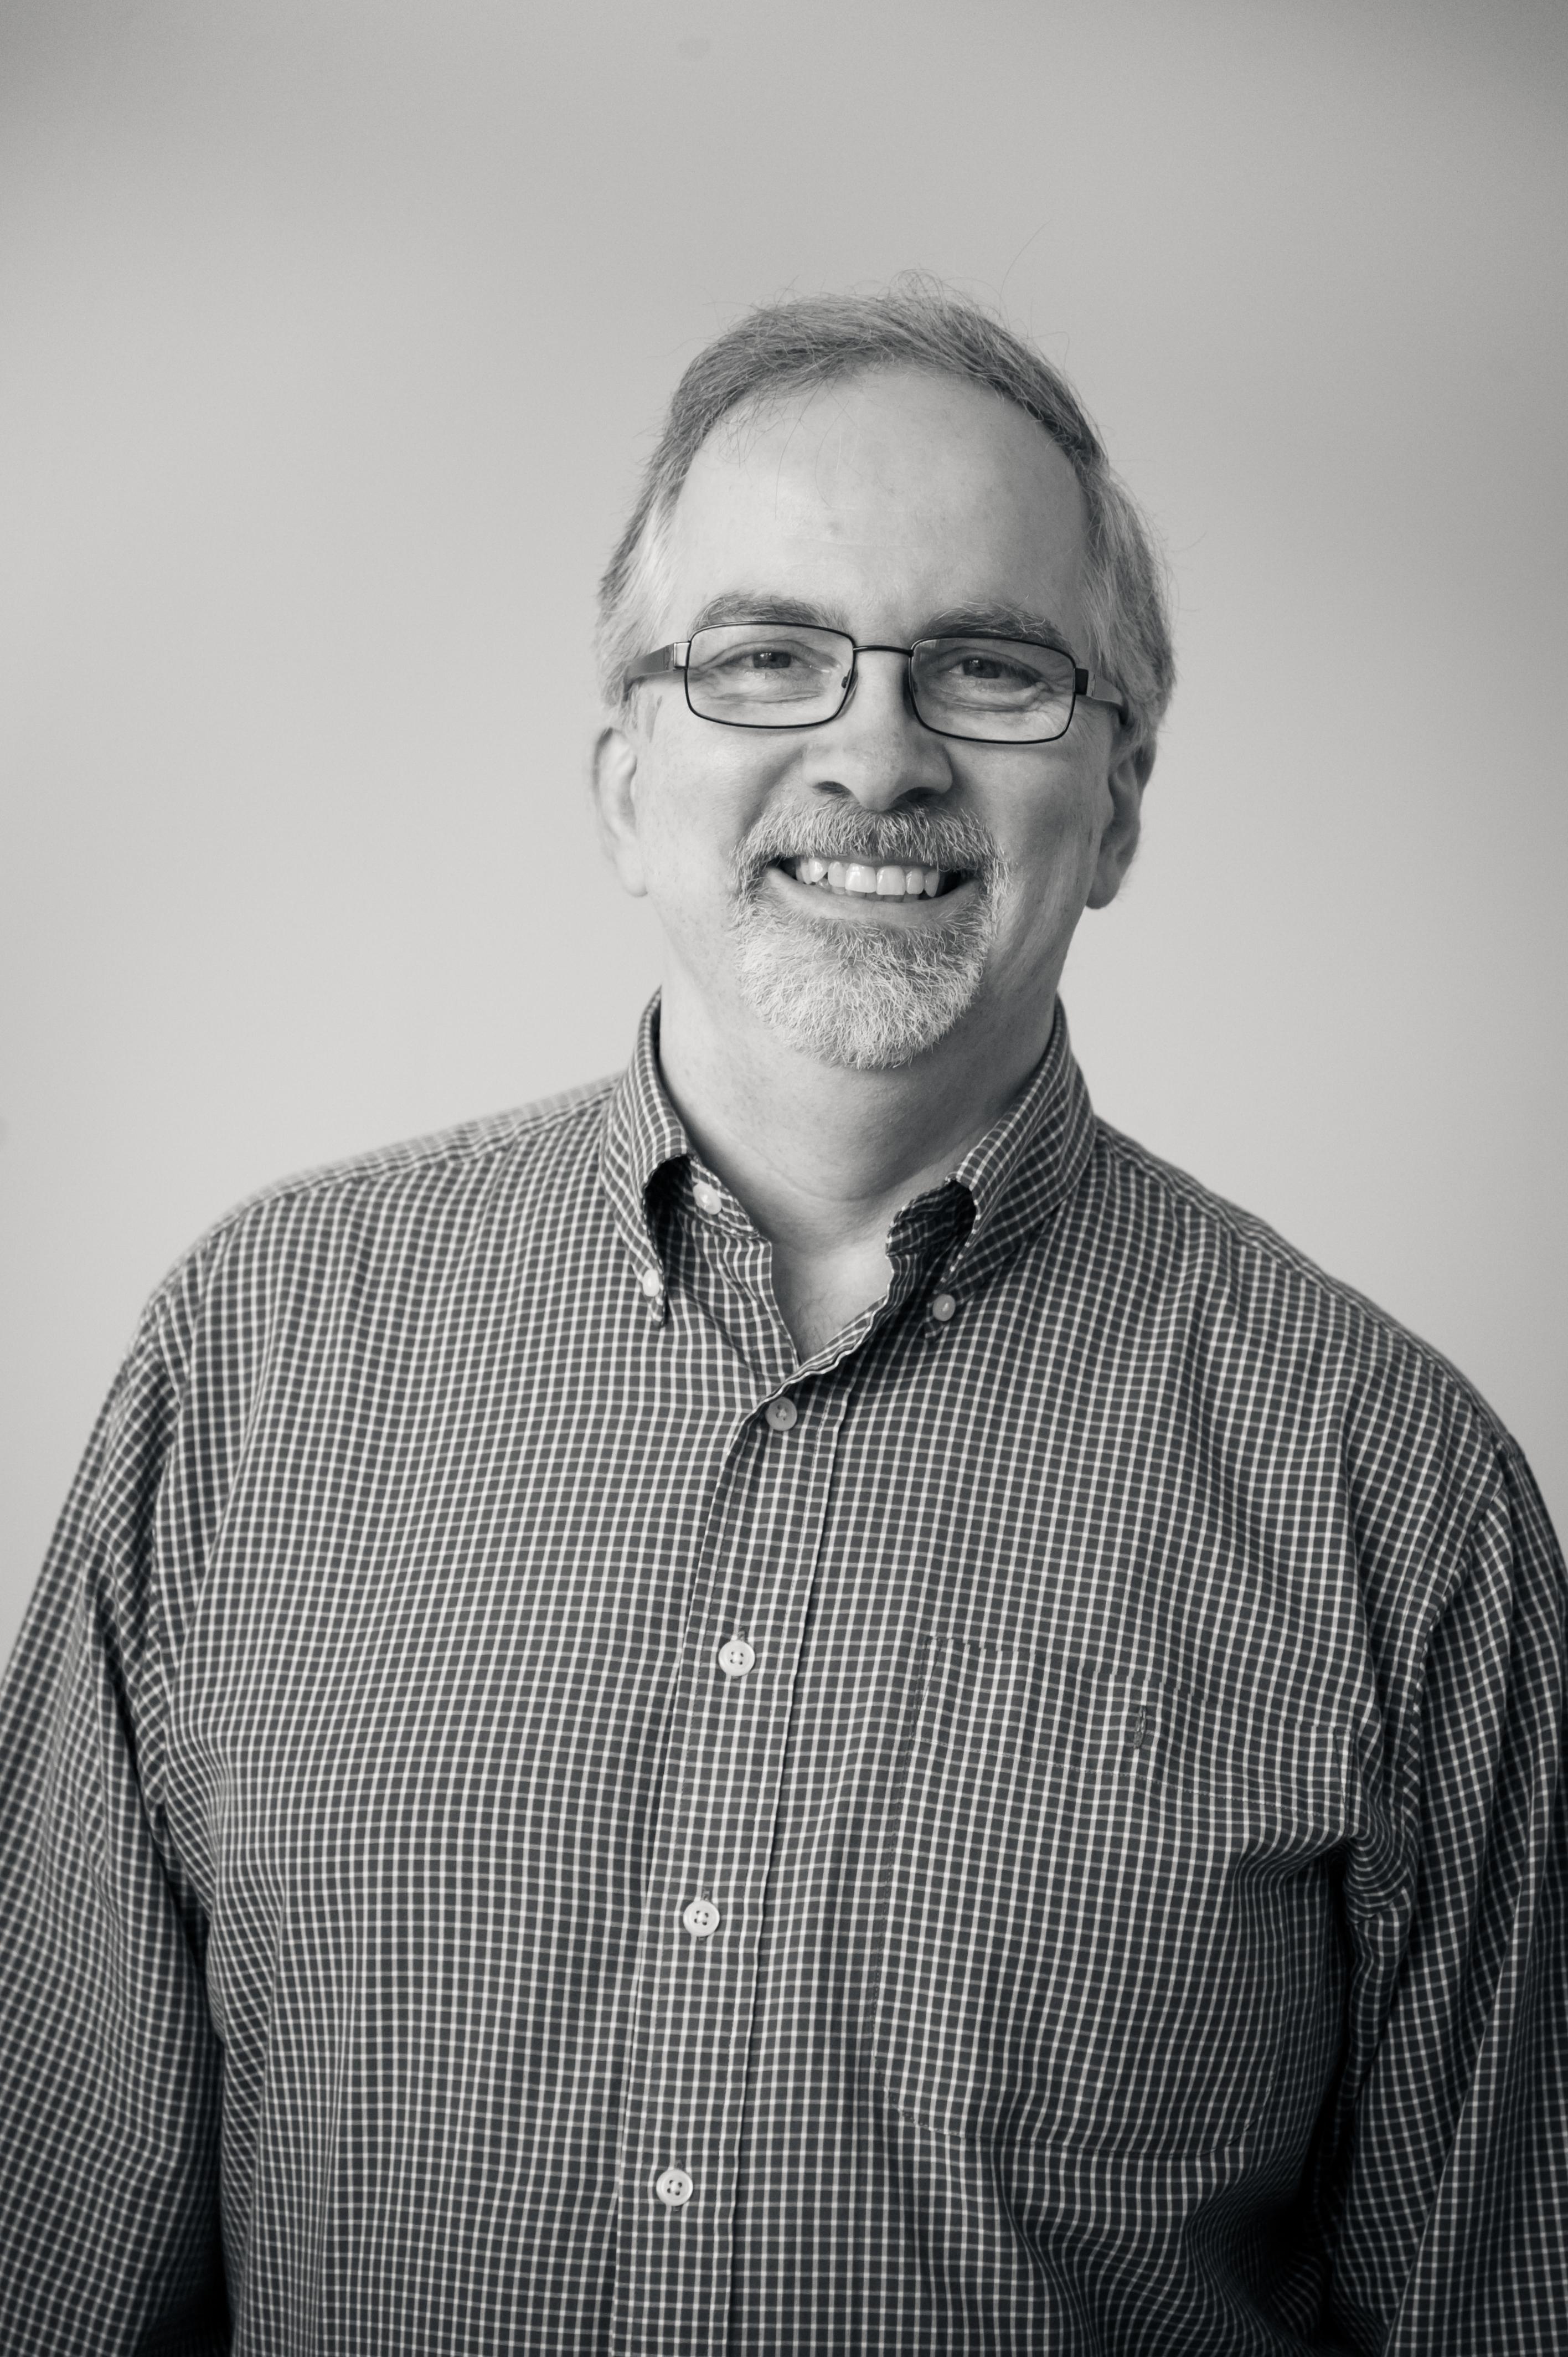 David Rodgett